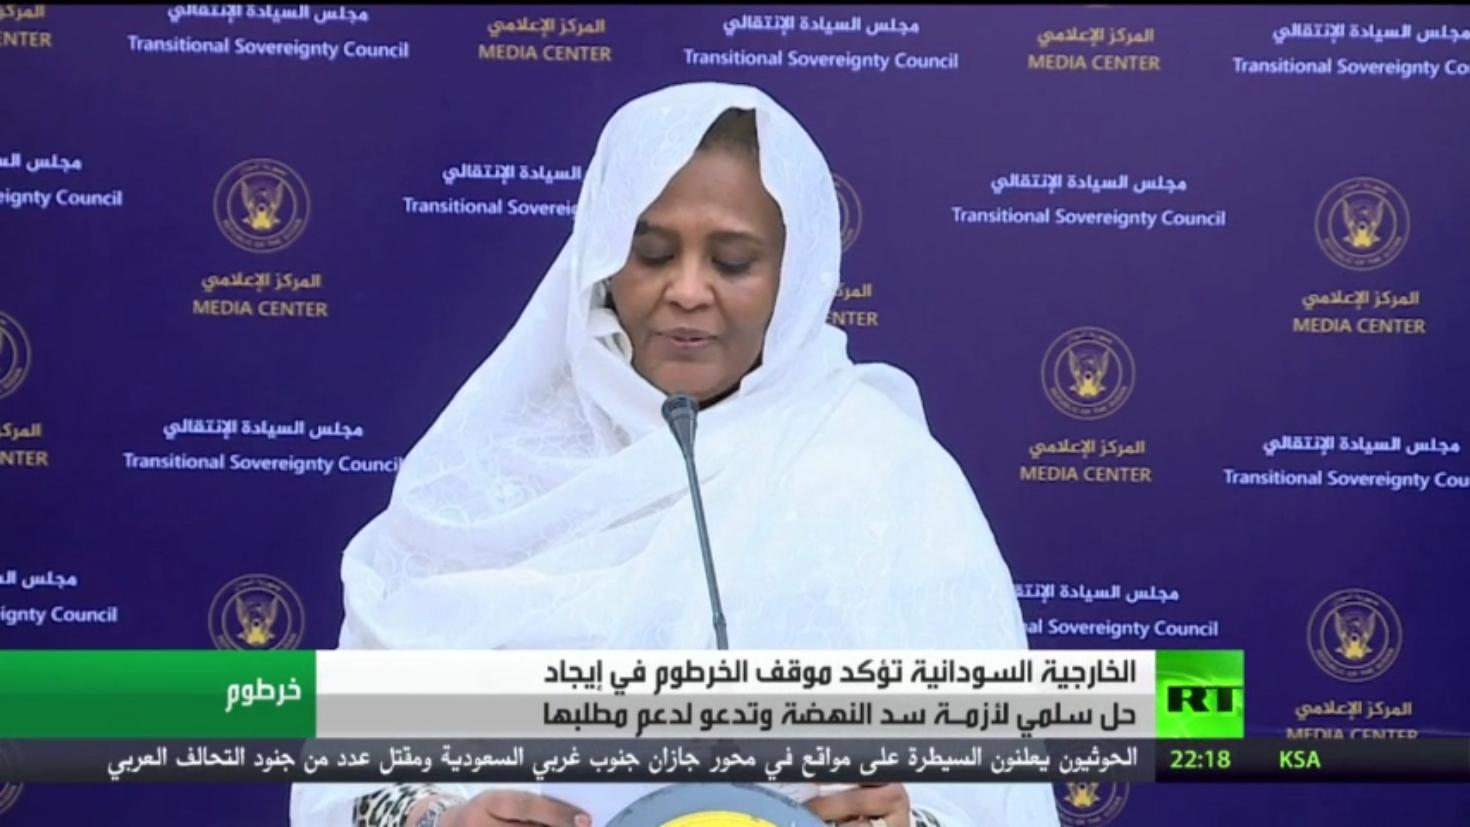 السودان يدعو لدعم موقفه في حل أزمة سد النهضة